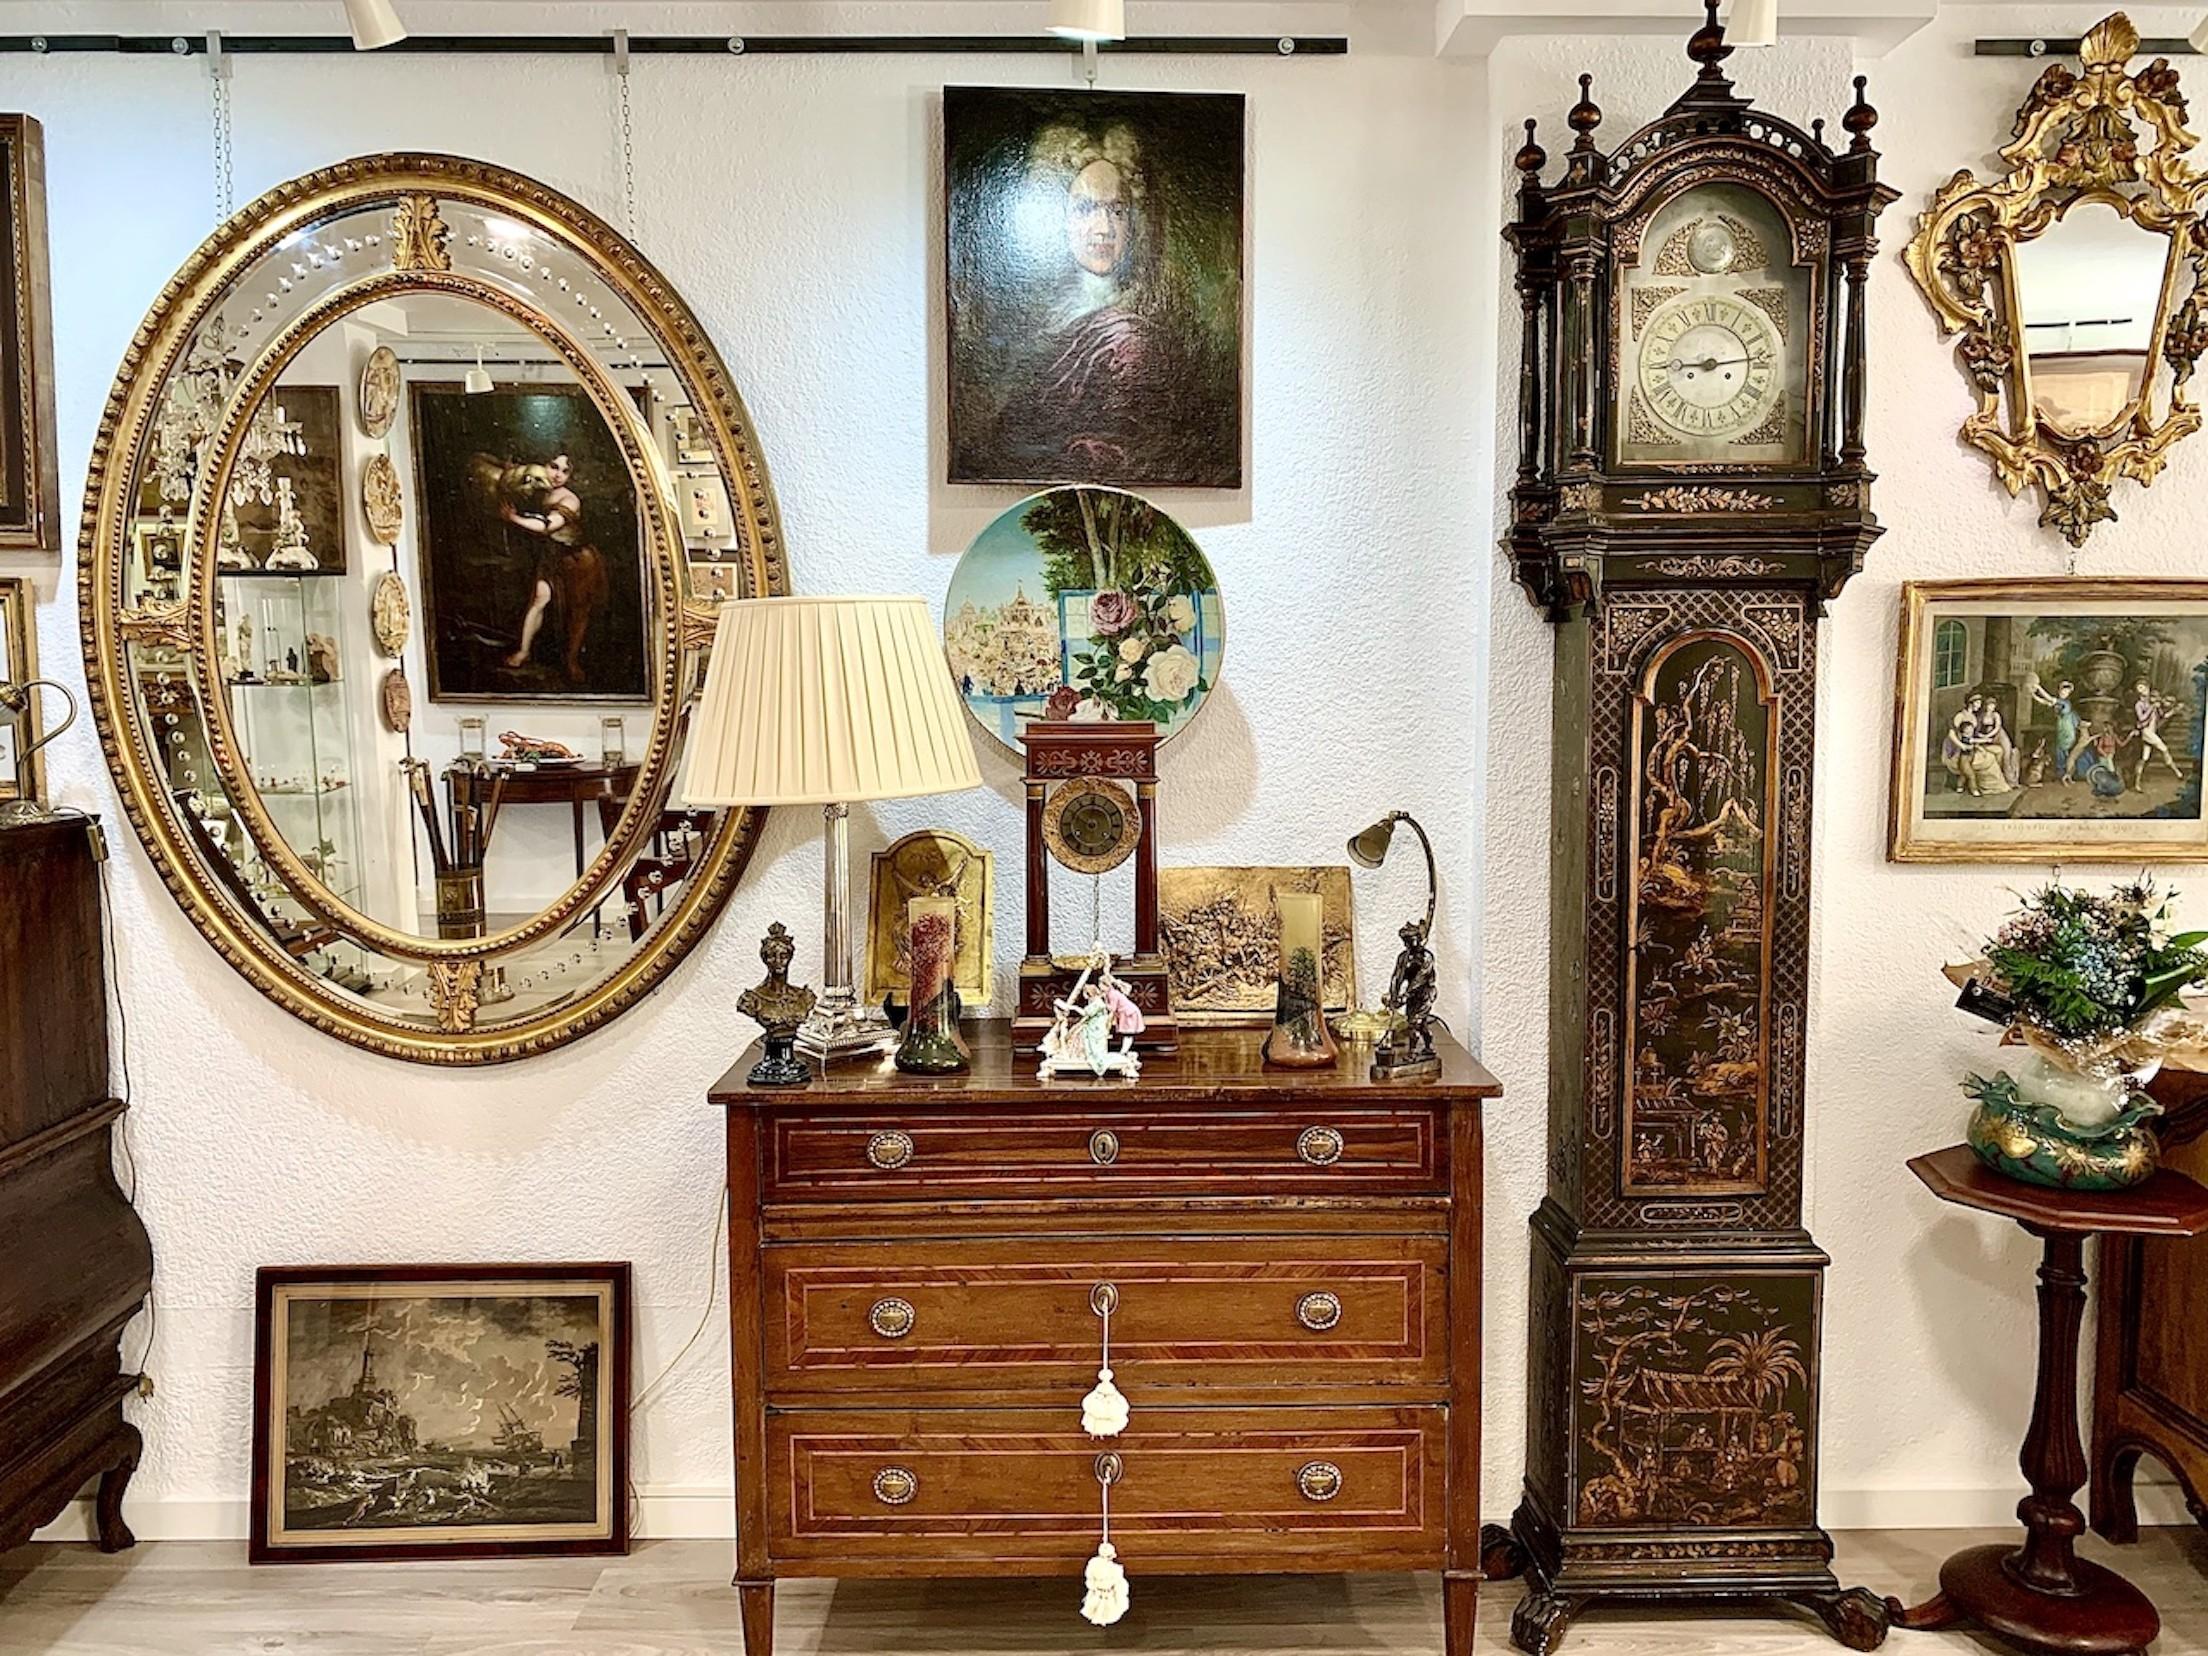 ANTIGUART antiquariato e decorazione